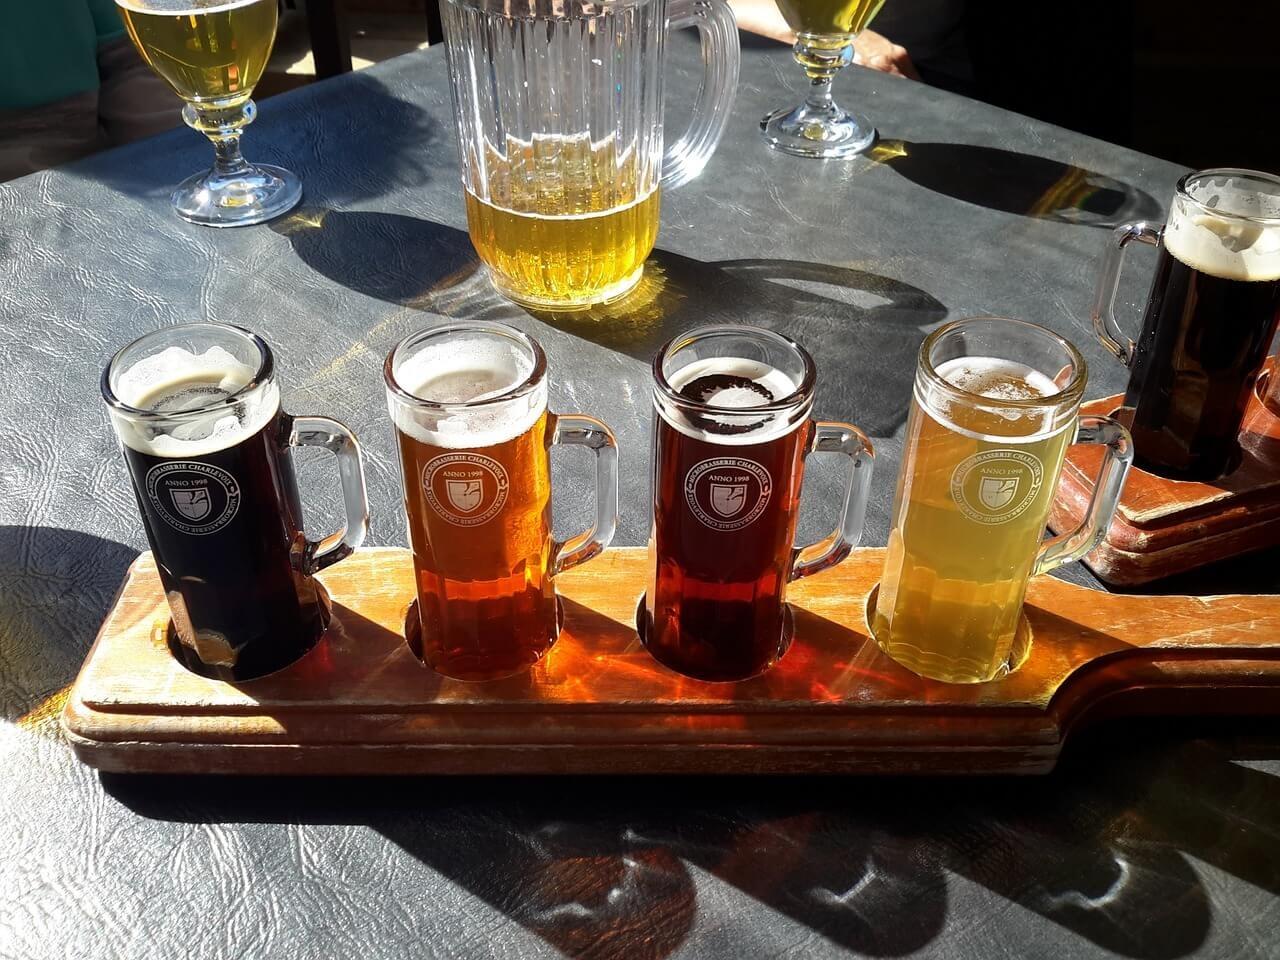 Bierverkostungsanleitung - Bier richtig genießen